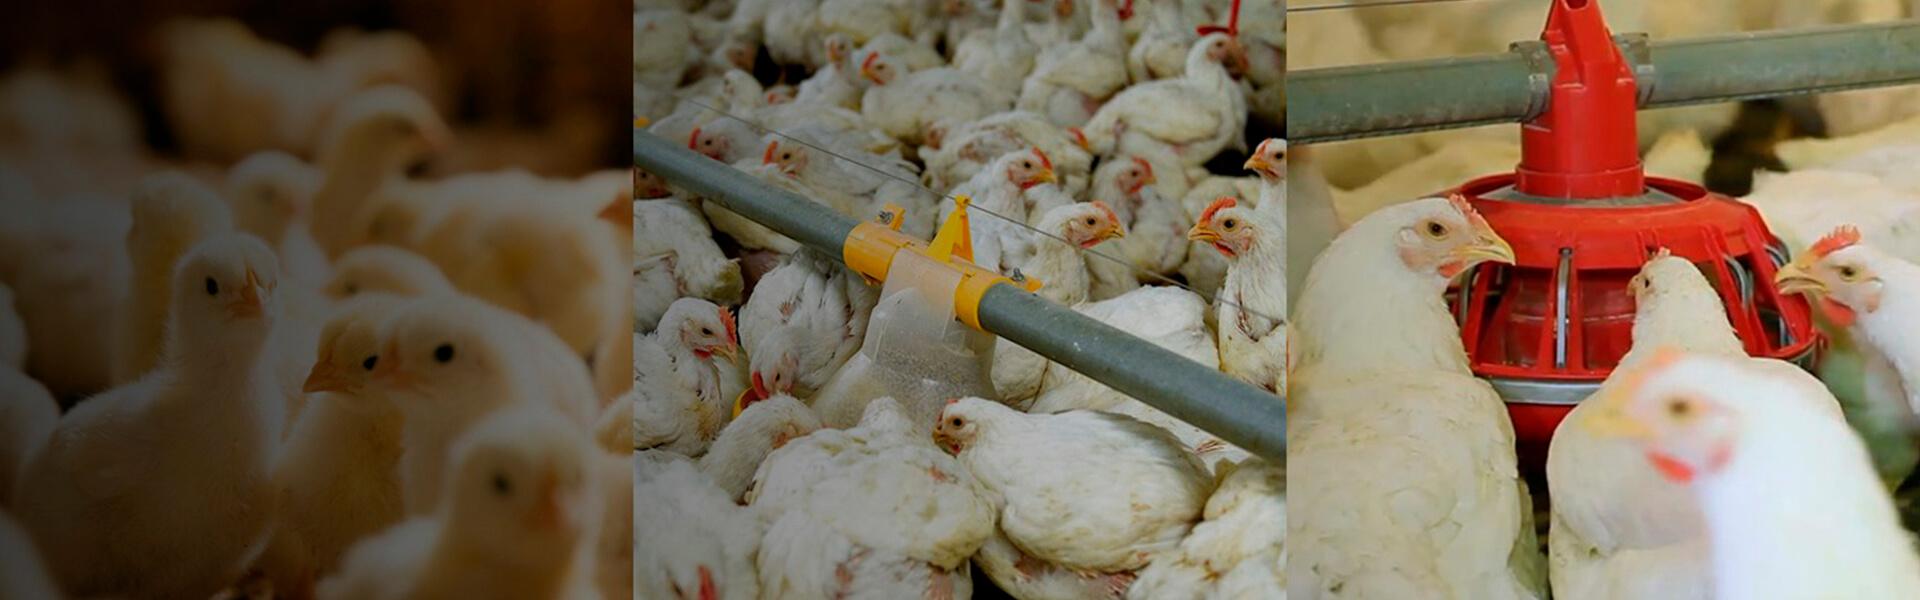 Pollo BB Cobb 500, núcleos nutricionales